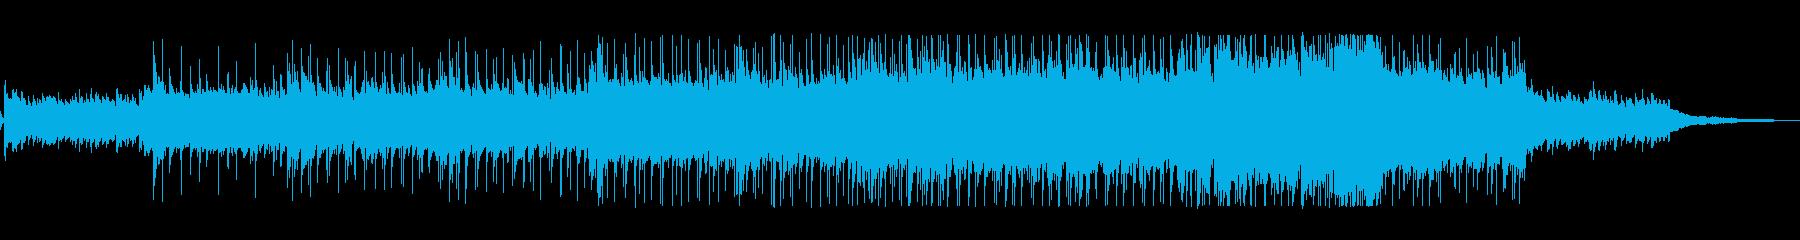 疾走感と躍動感が心地よいピアノ曲の再生済みの波形